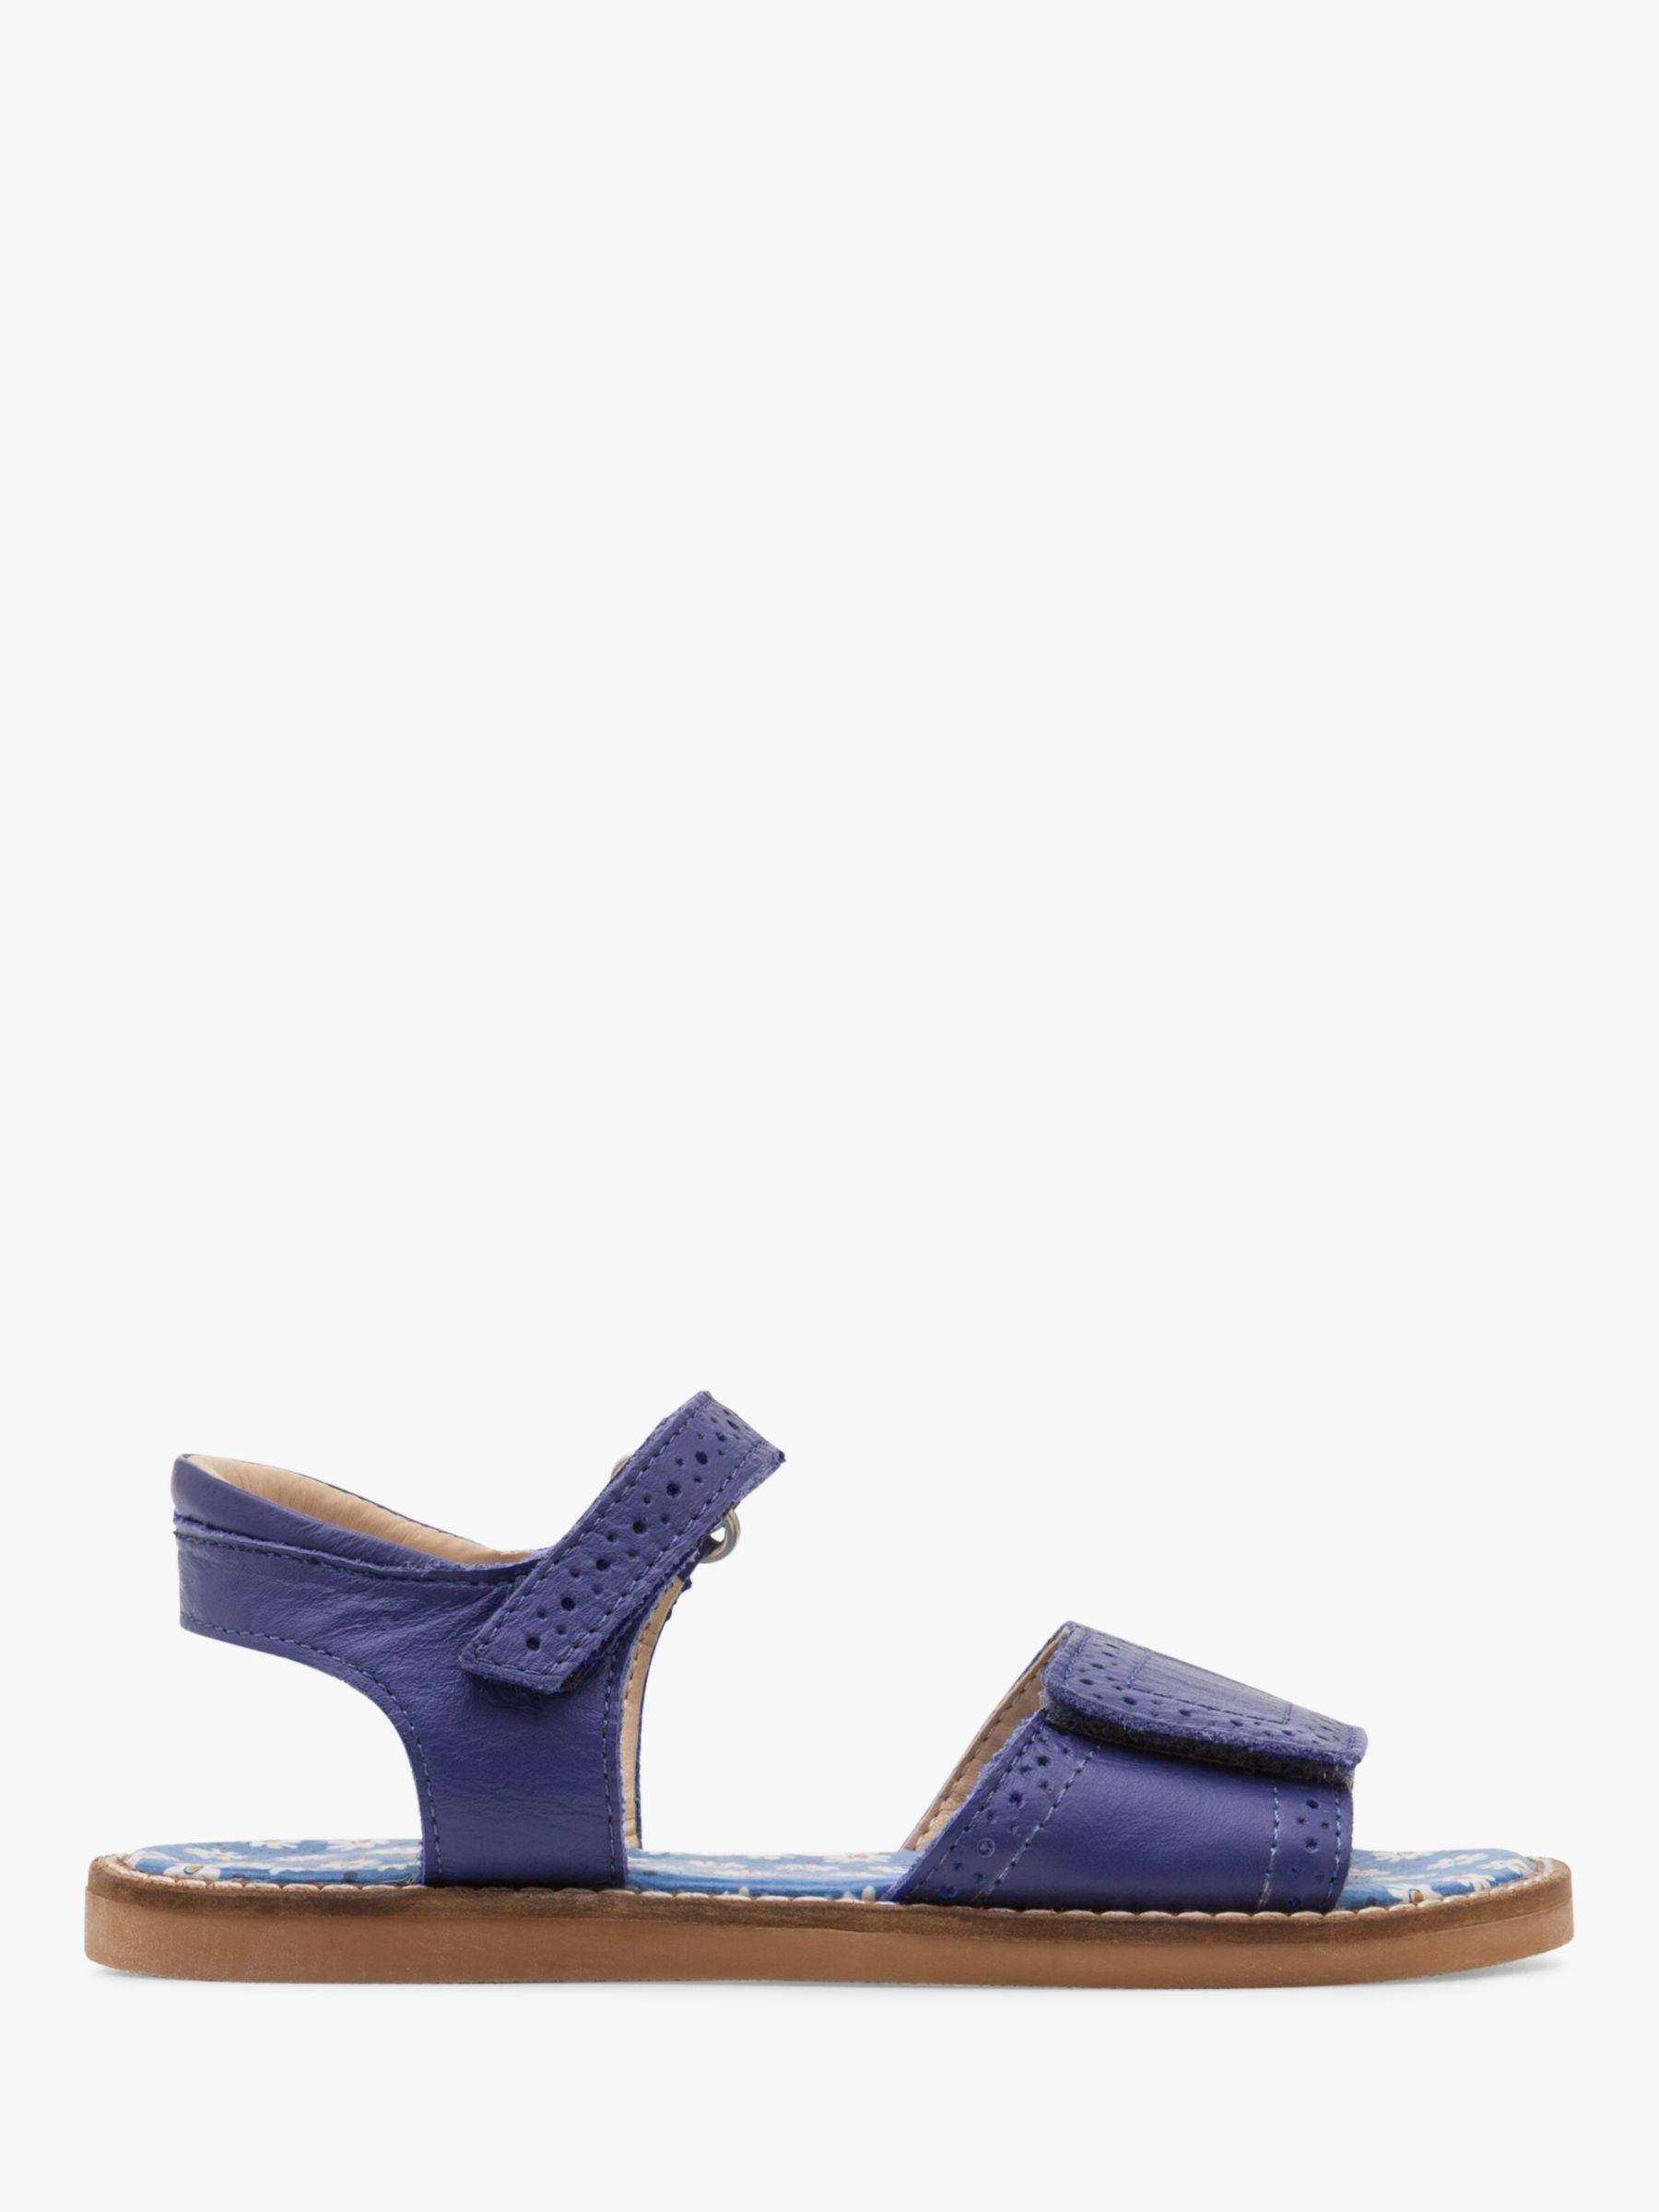 Mini Boden Mini Boden Children's Leather Padded Sandals